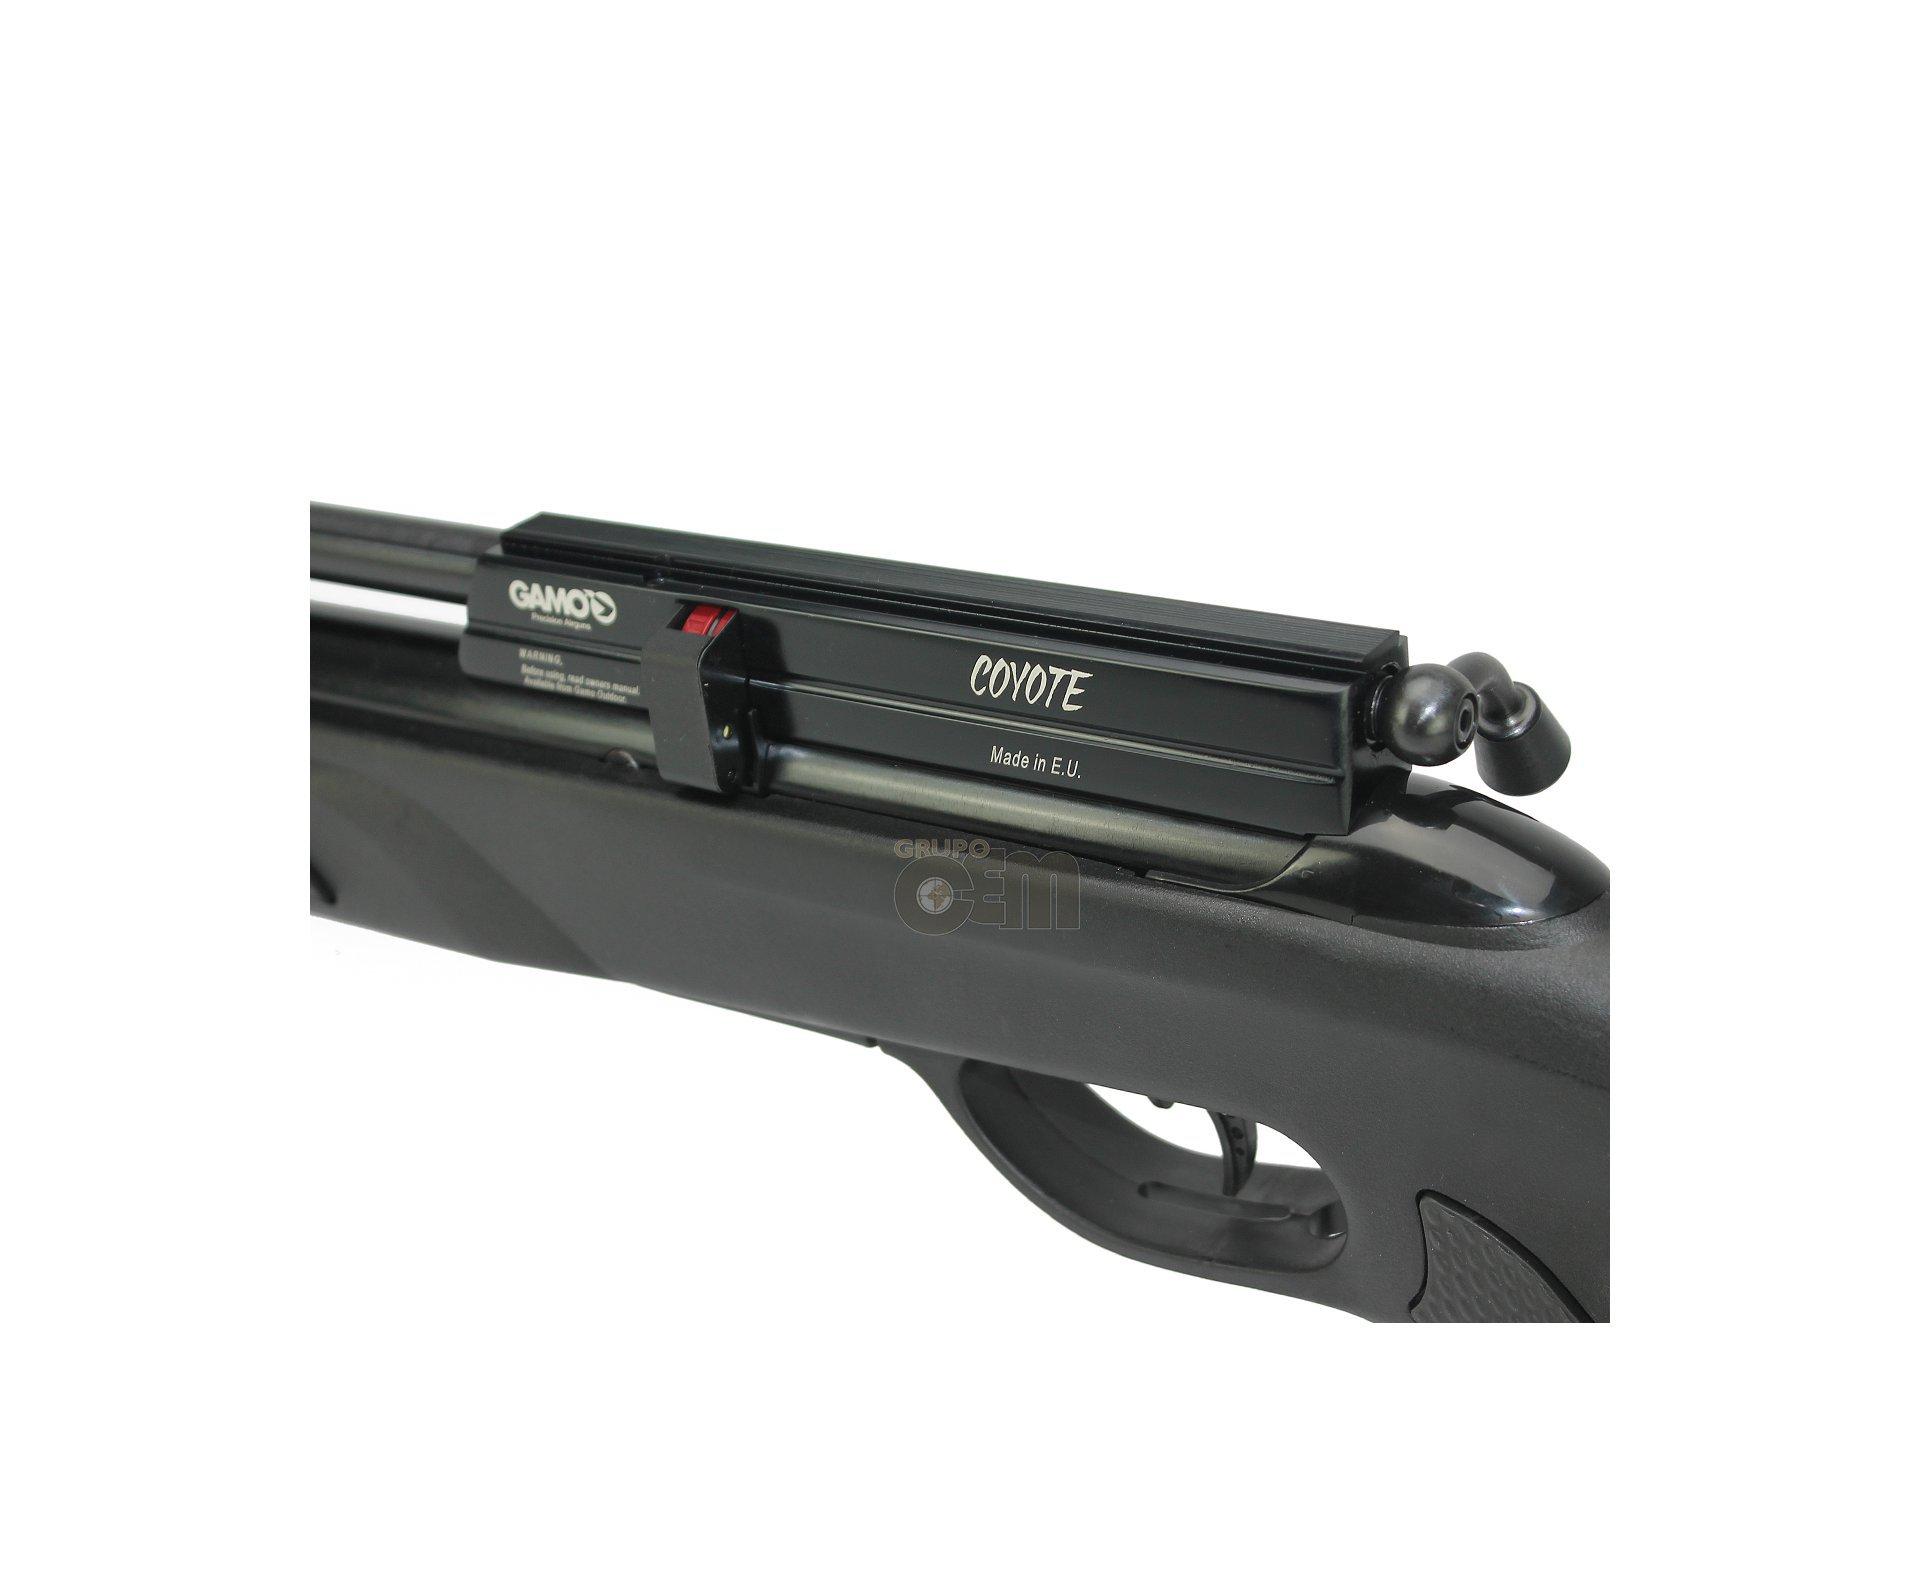 Carabina Pcp Gamo Coyote Black Cal 5,5mm - Gamo